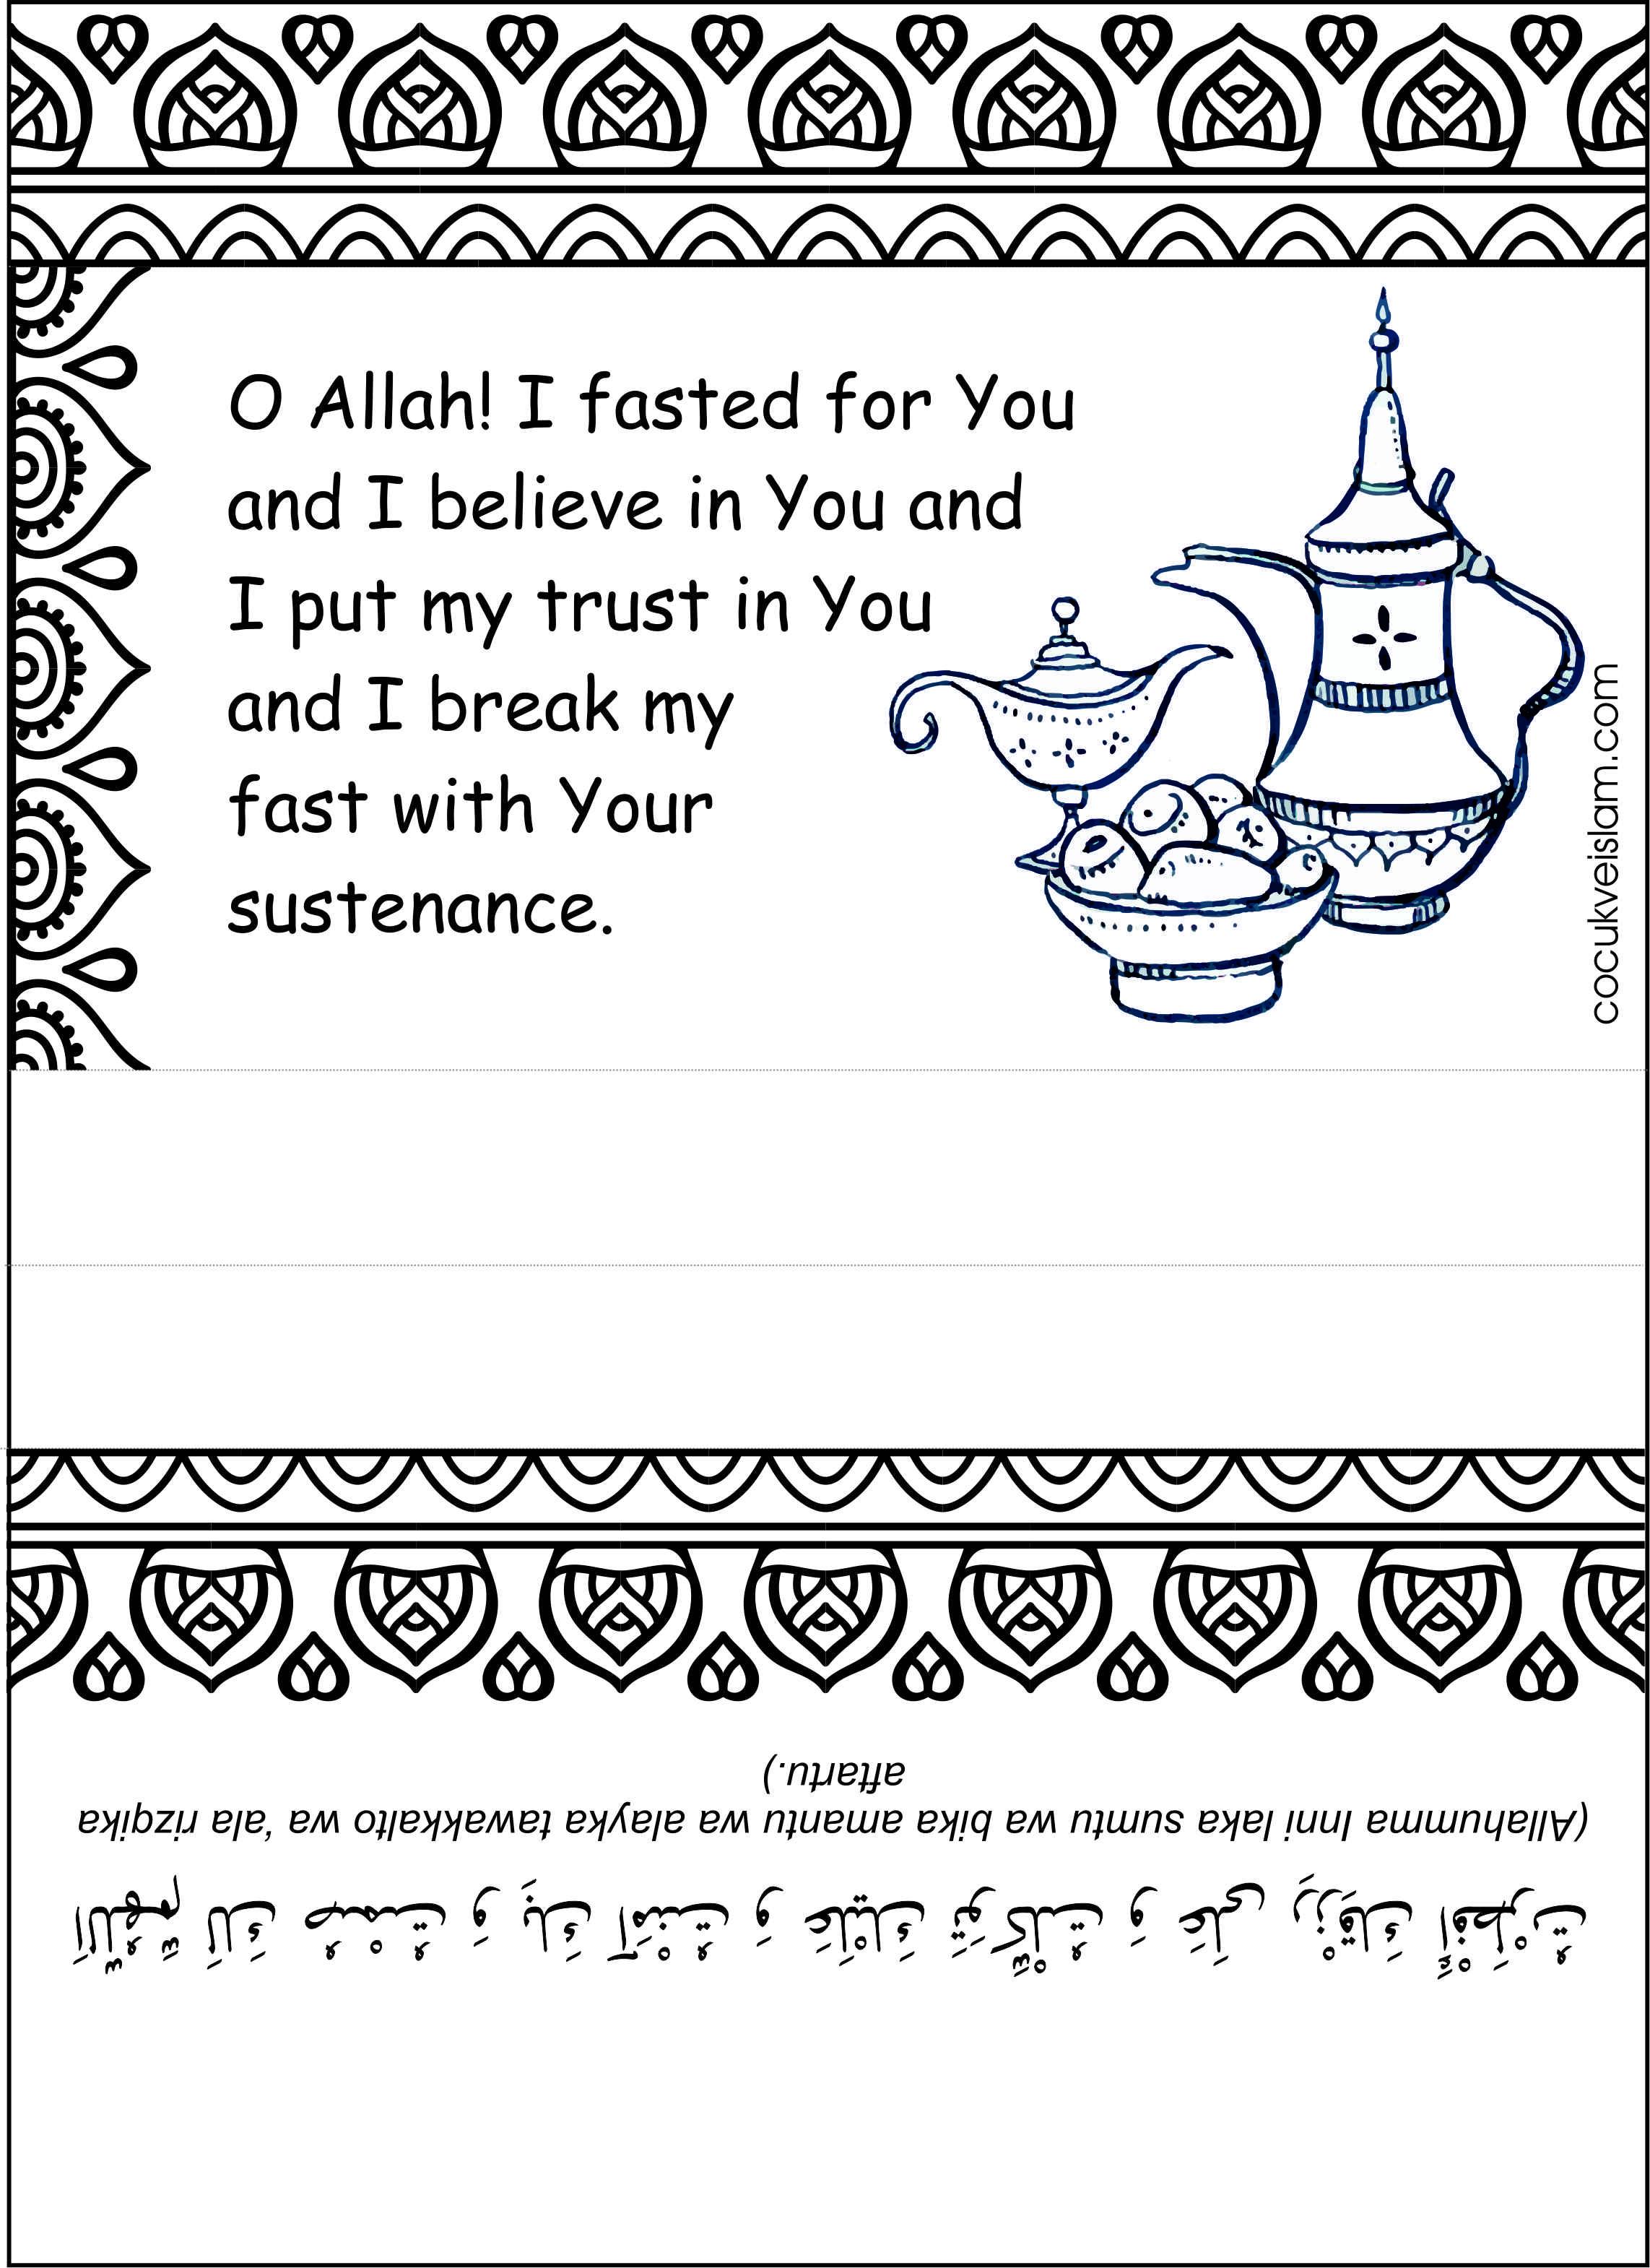 Iftar Duasi Etkinligi Cocuk Ve Islam